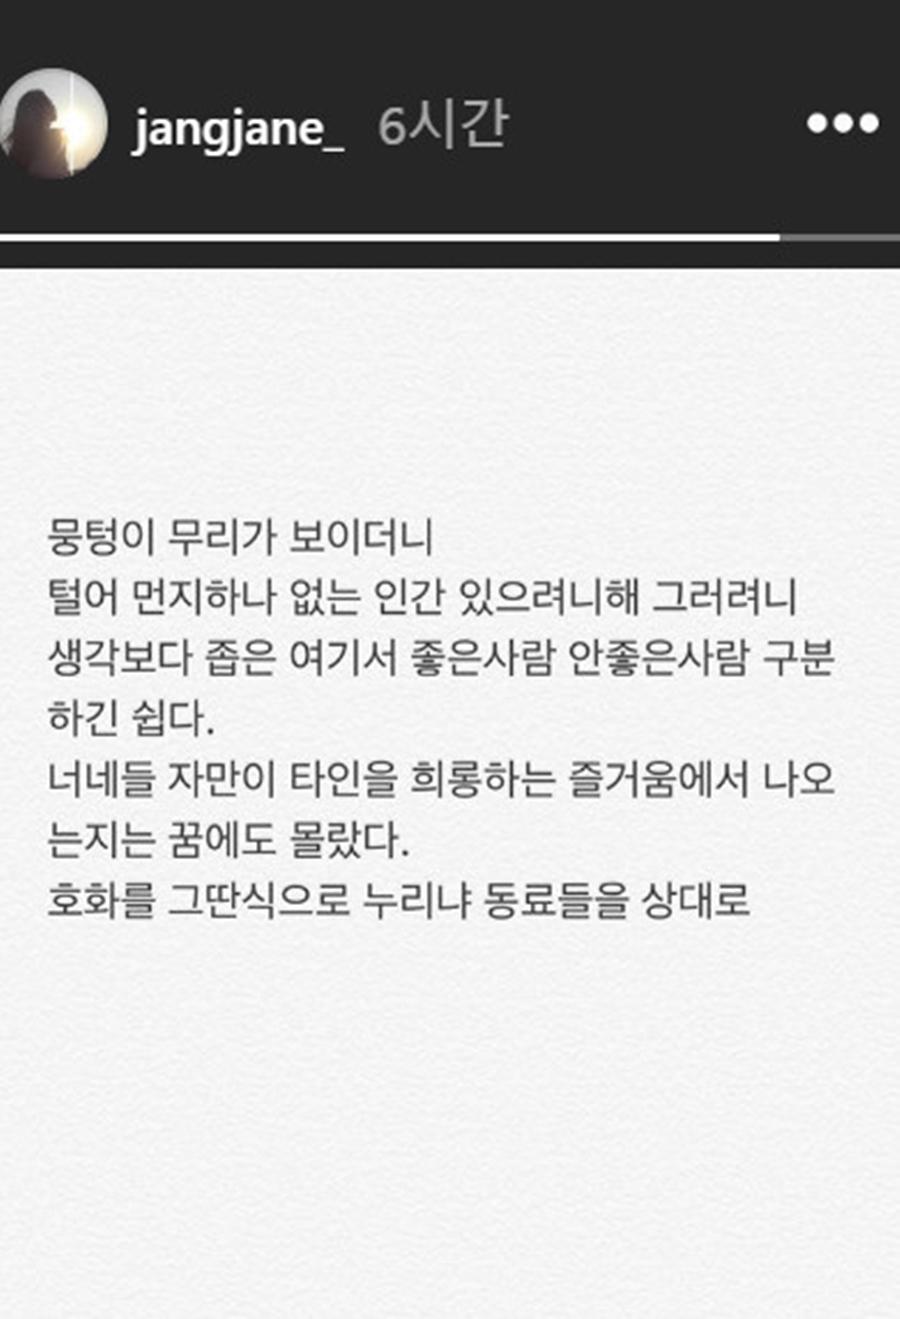 """장재인, 의미심장 저격글 """"동료들 상"""